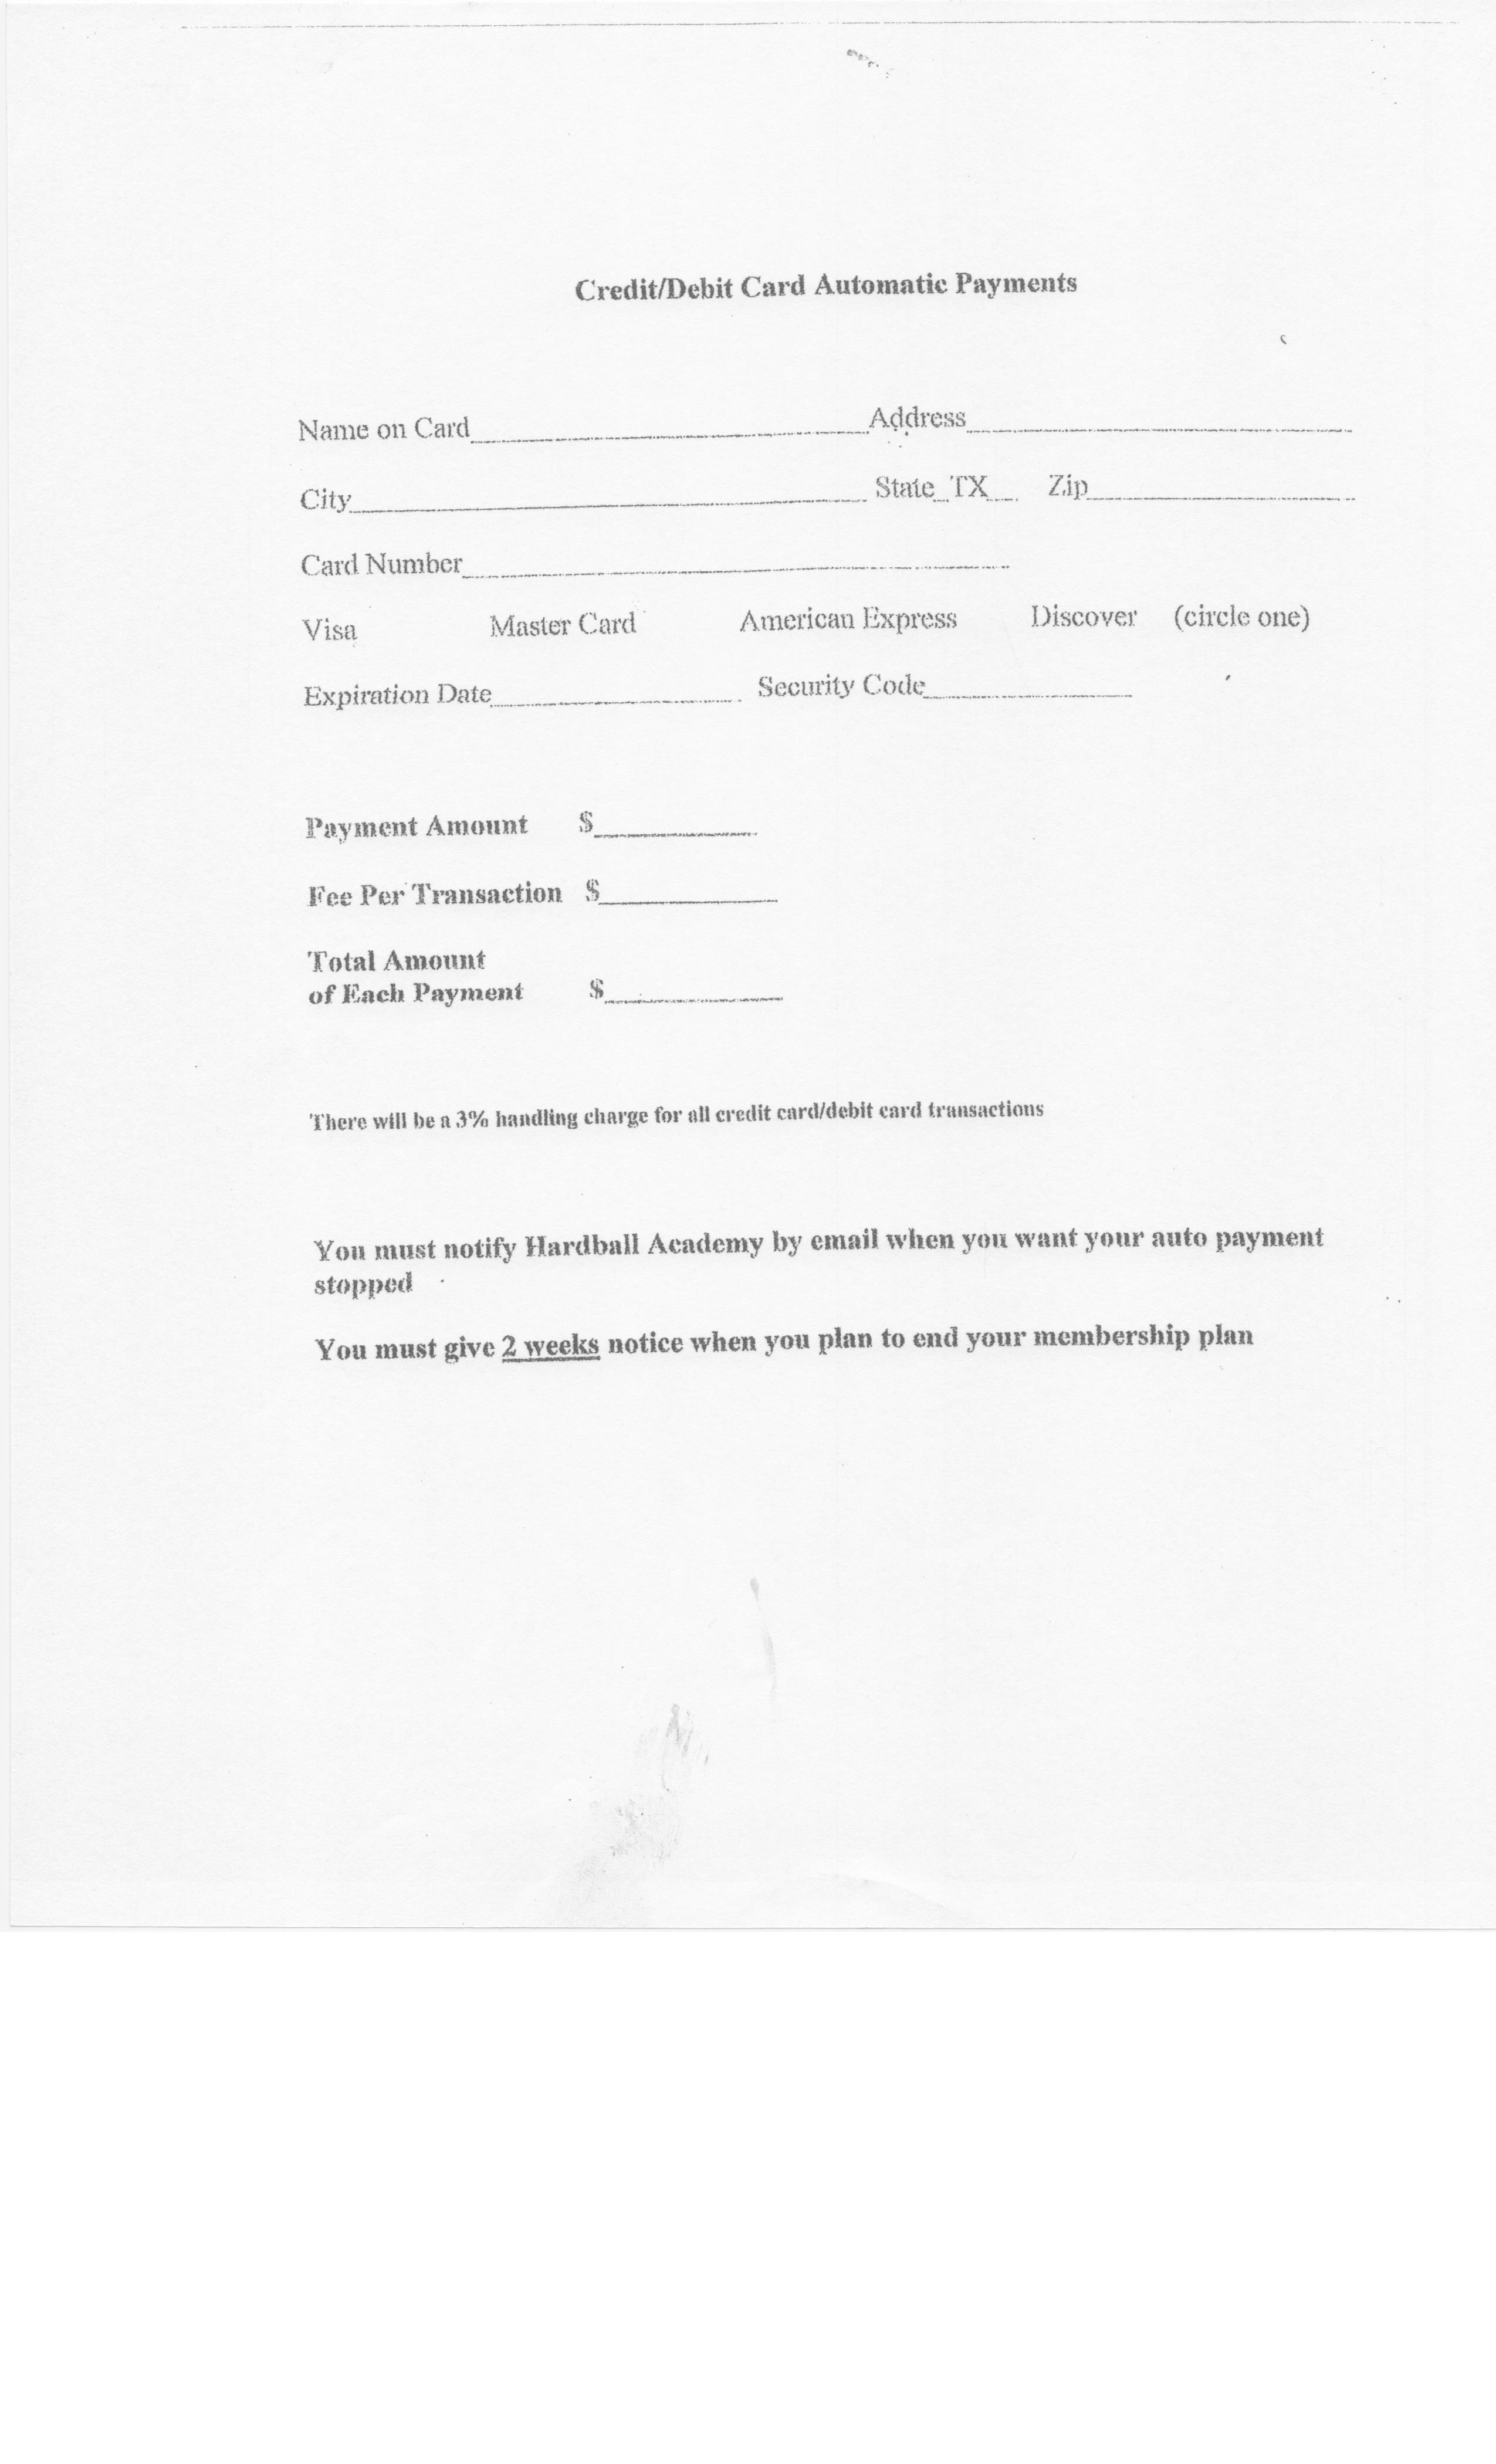 Auto Payment Forms Ach Amp Debit Cc